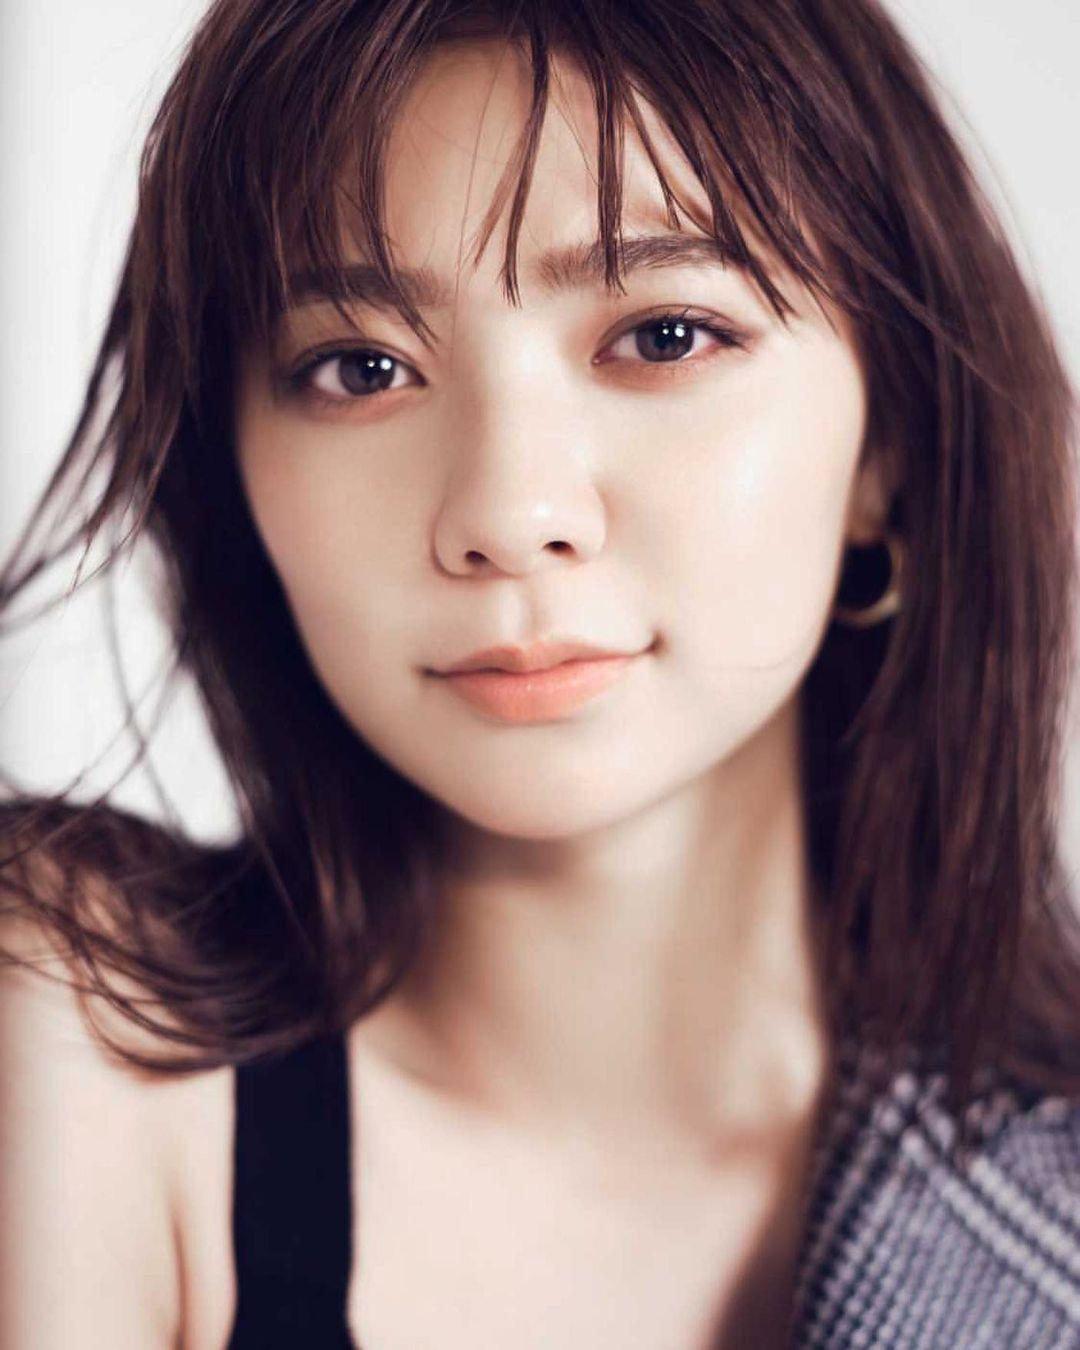 清纯美少女川津明日香日本知名模特儿兼女演员 网络美女 第1张